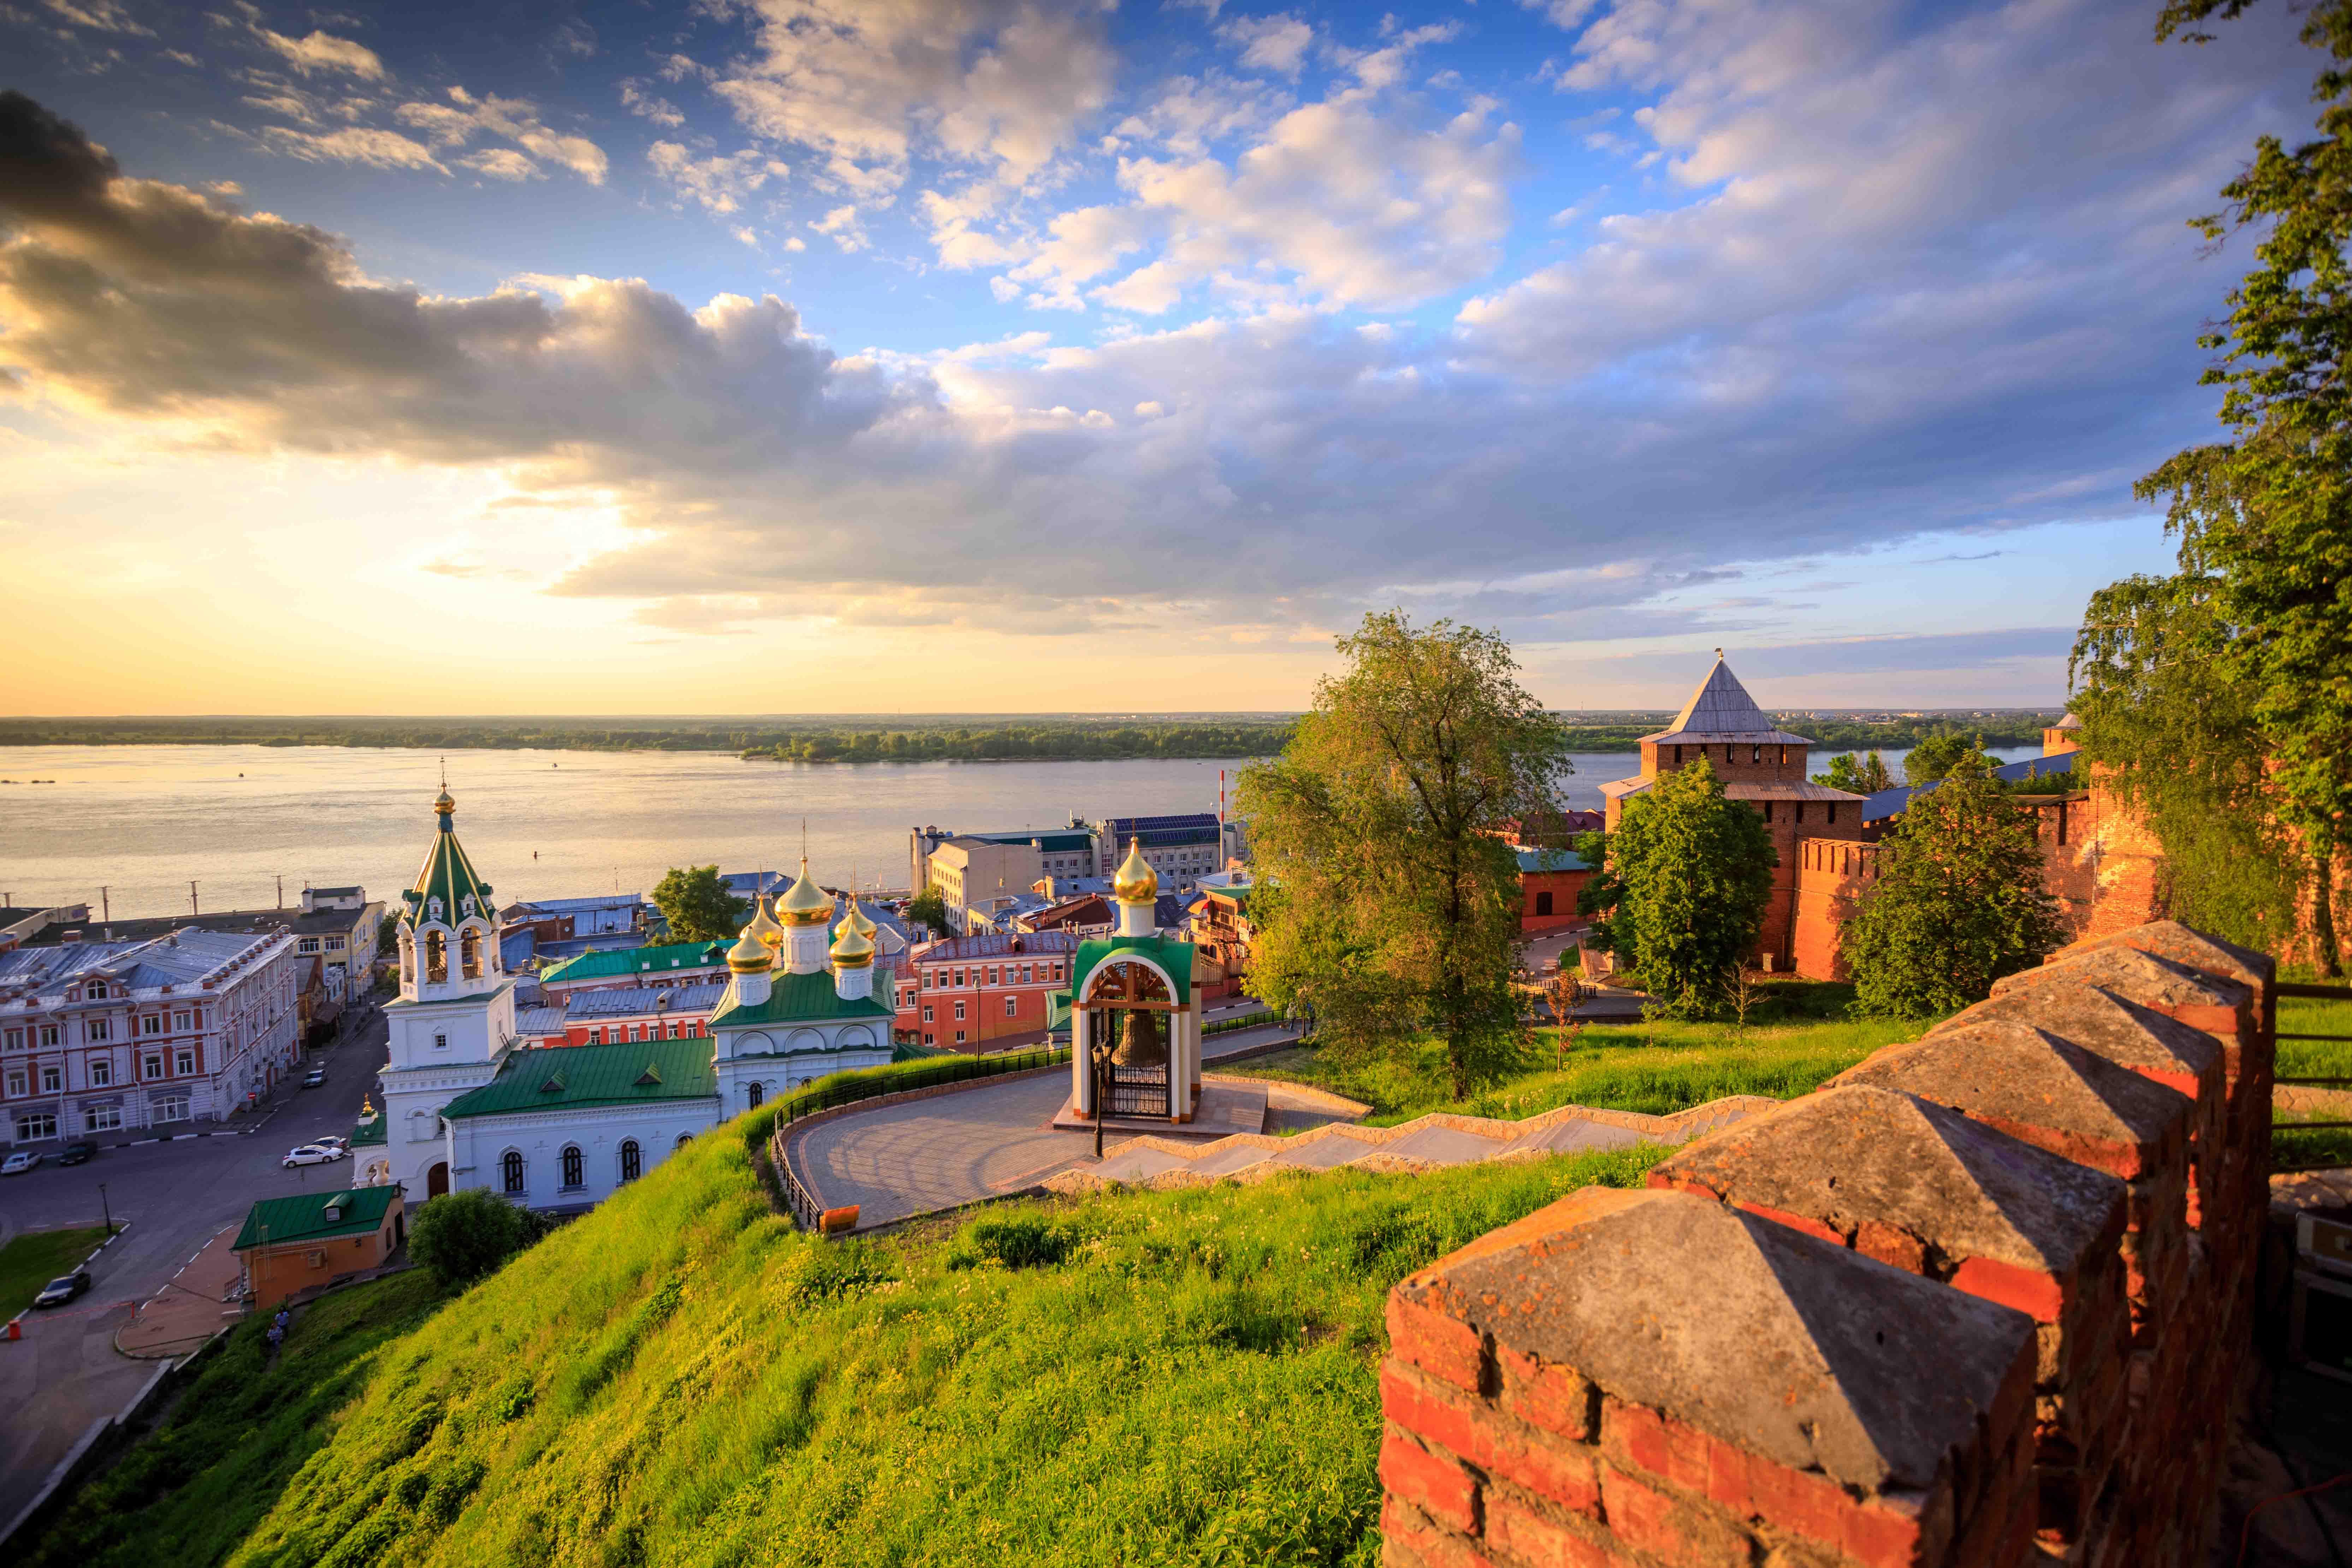 Владимир Путин объявил о присвоении Нижнему Новгороду звания «Город трудовой доблести»